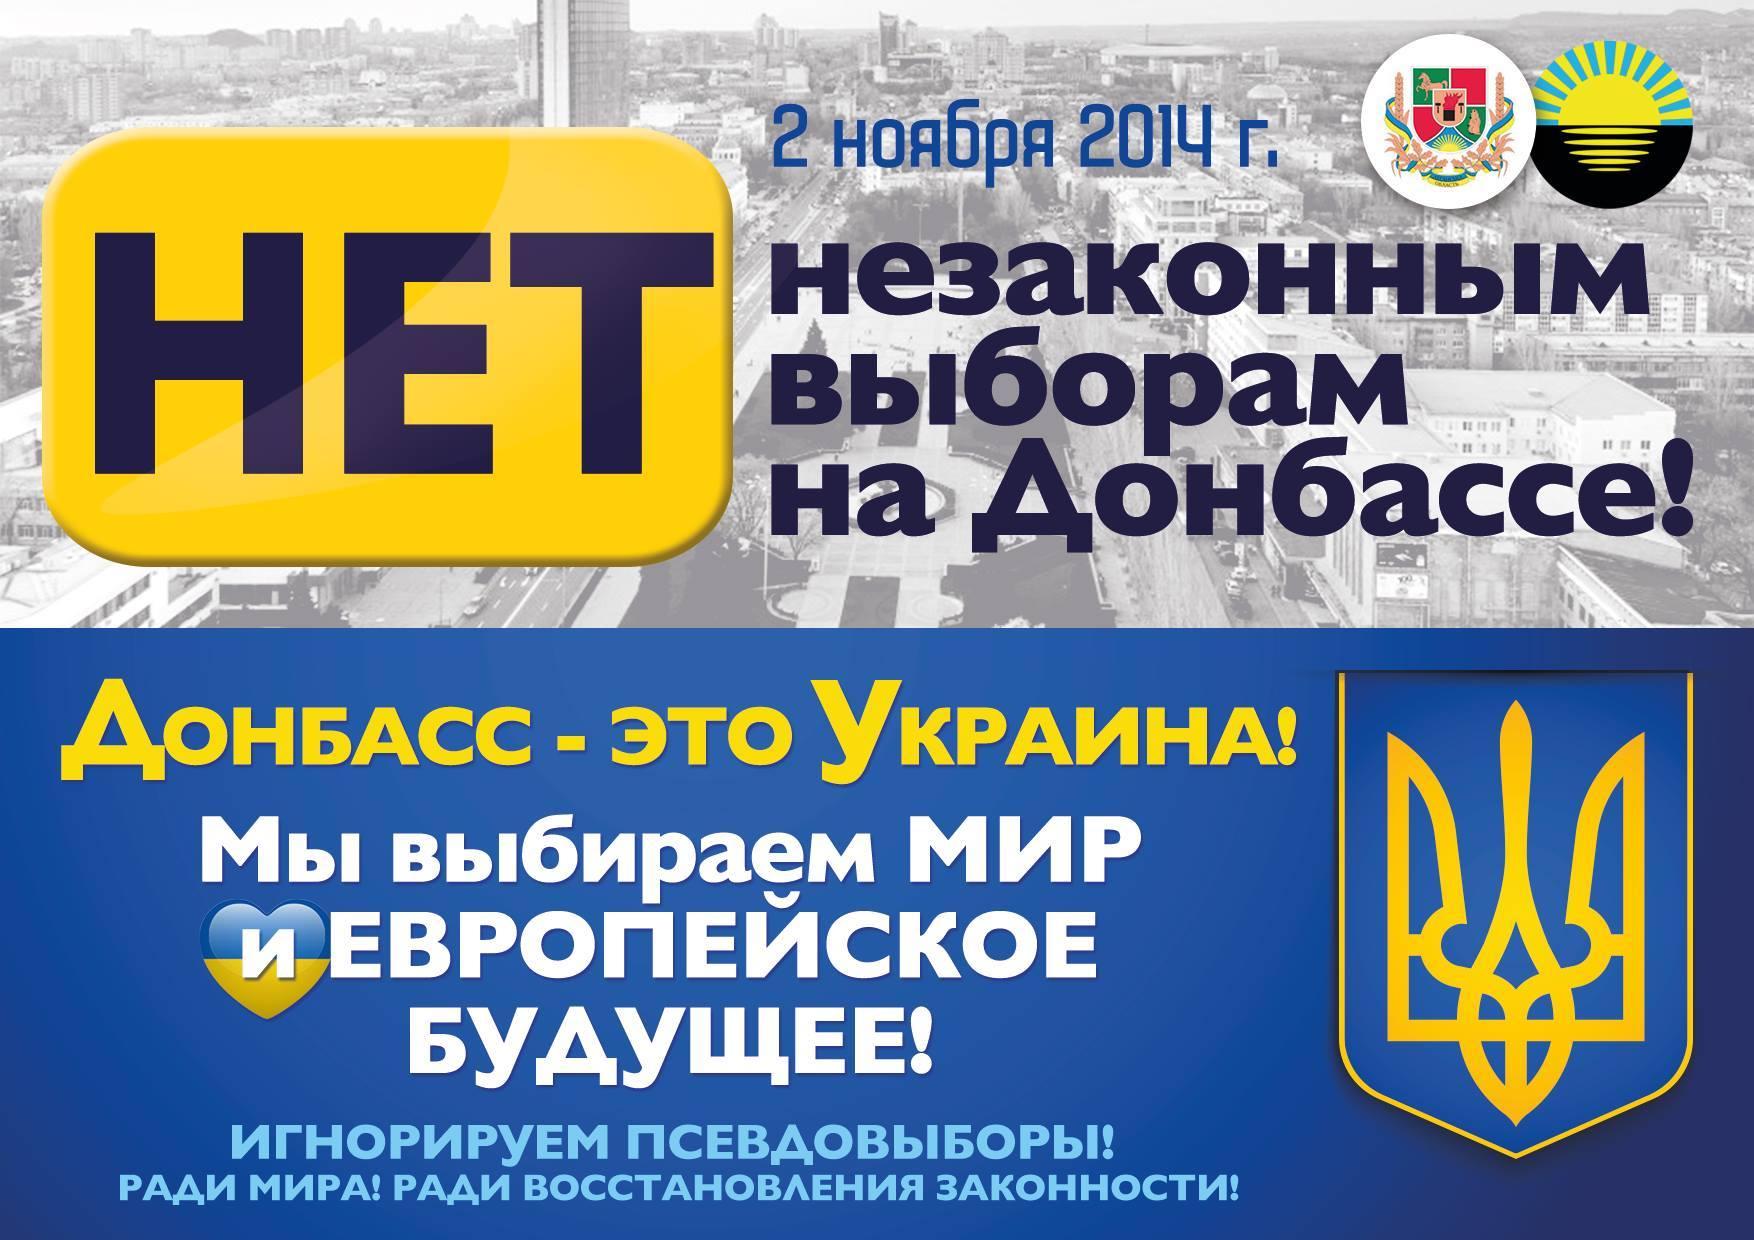 Верховное командование дезинформировало общественность об обстановке на 32-м блокпосту, - журналист - Цензор.НЕТ 7360